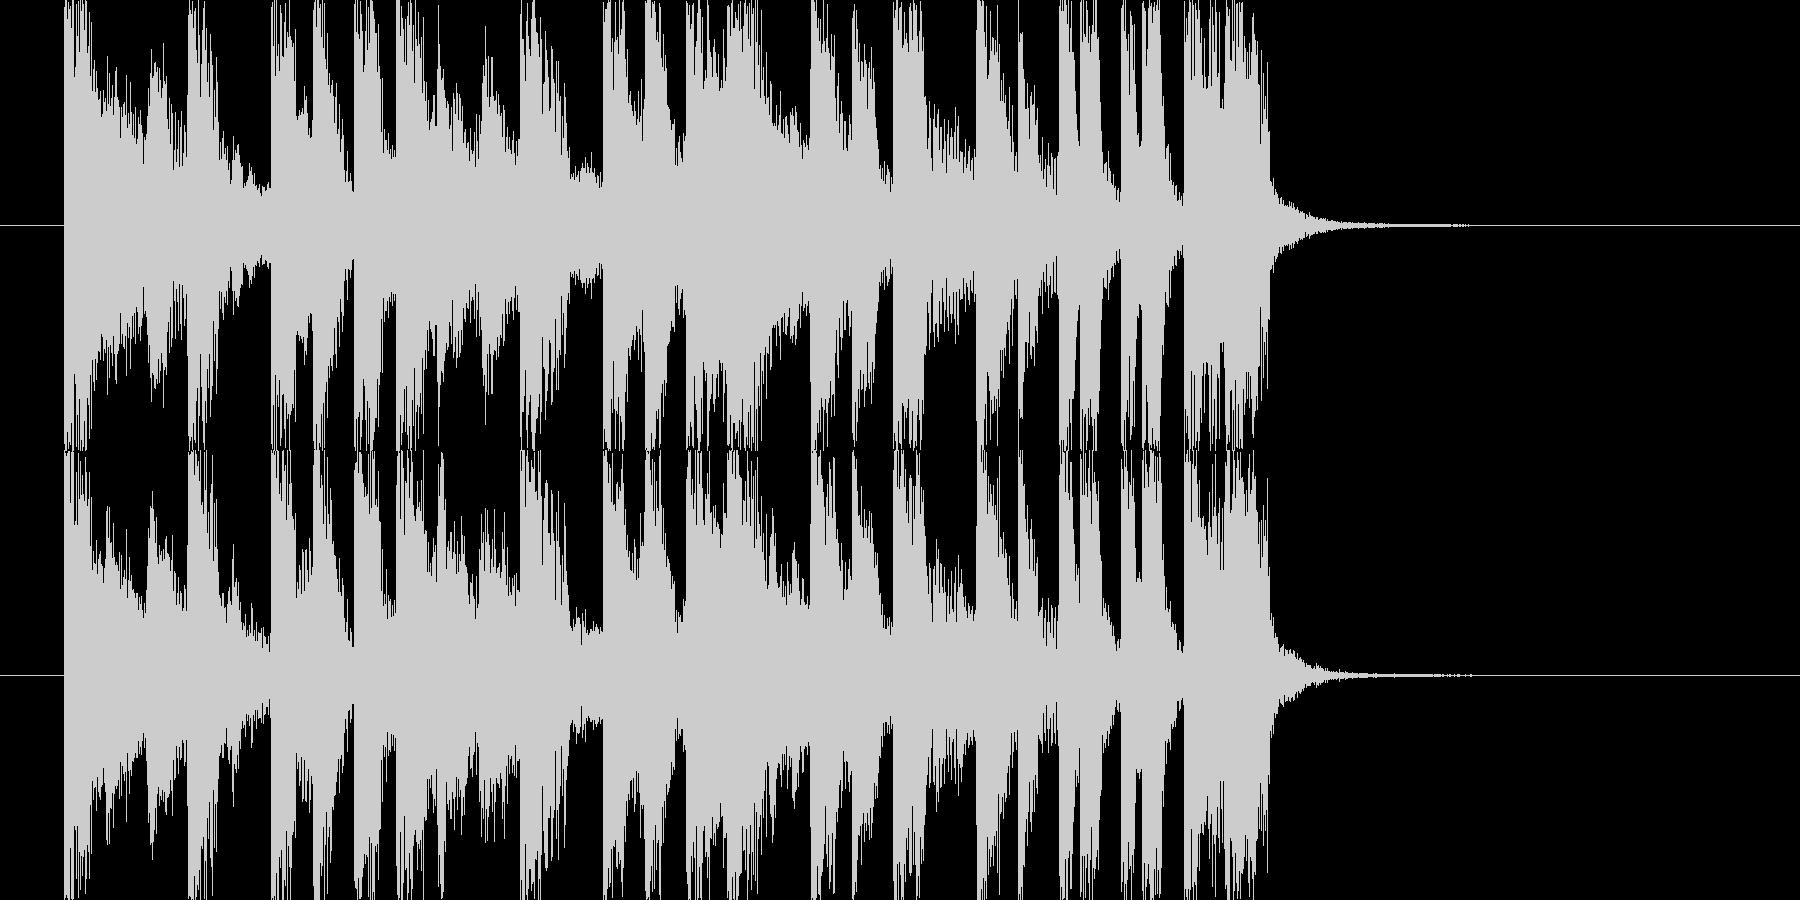 キラキラでかわいいジングル J4の未再生の波形